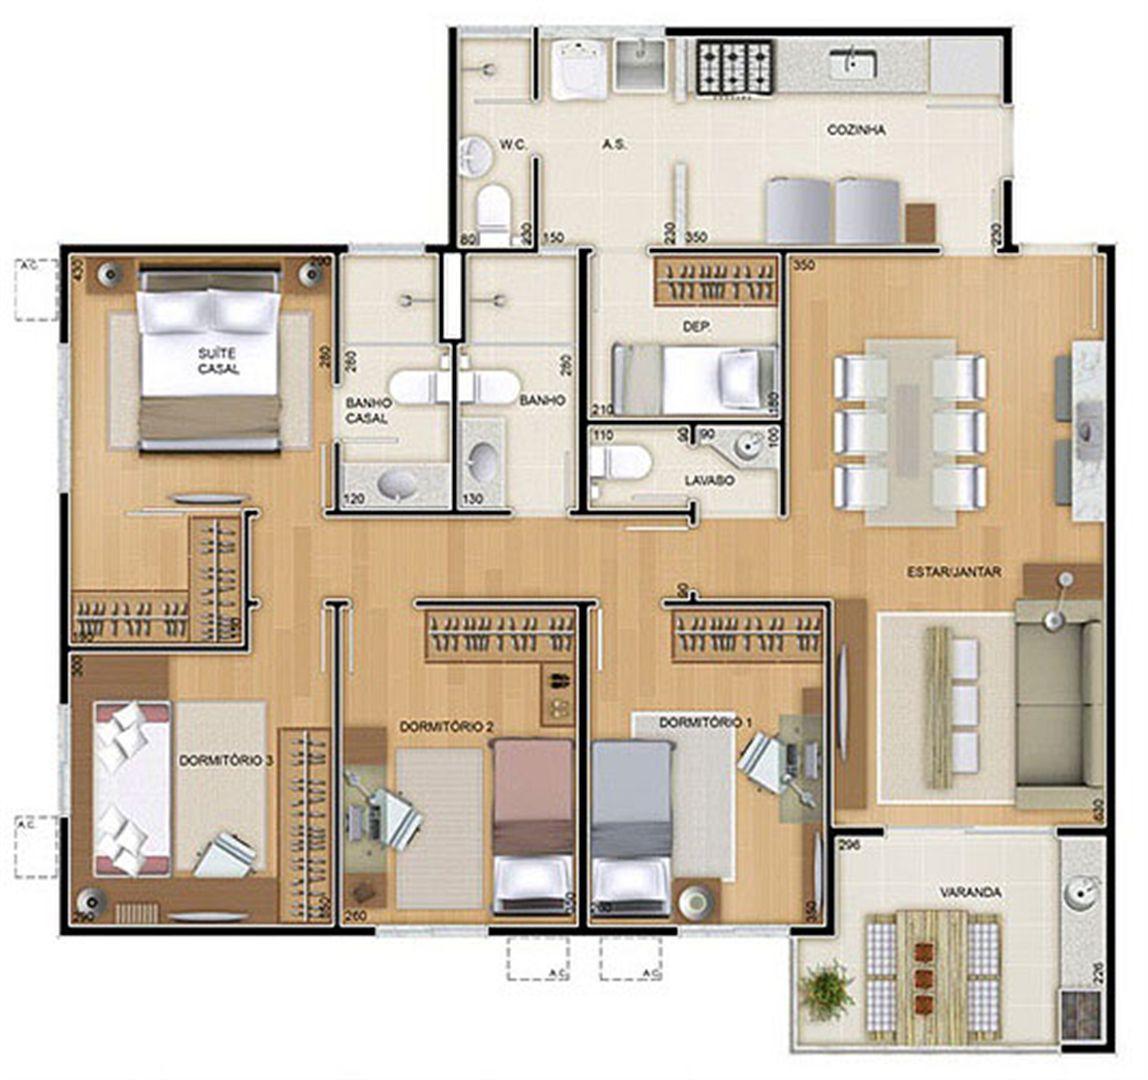 Torres 1 e 4 - 4 Quartos - 109 m² - Planta tipo | Reserva Verde Residencial Park – Apartamento em  Laranjeiras - Serra - Espírito Santo